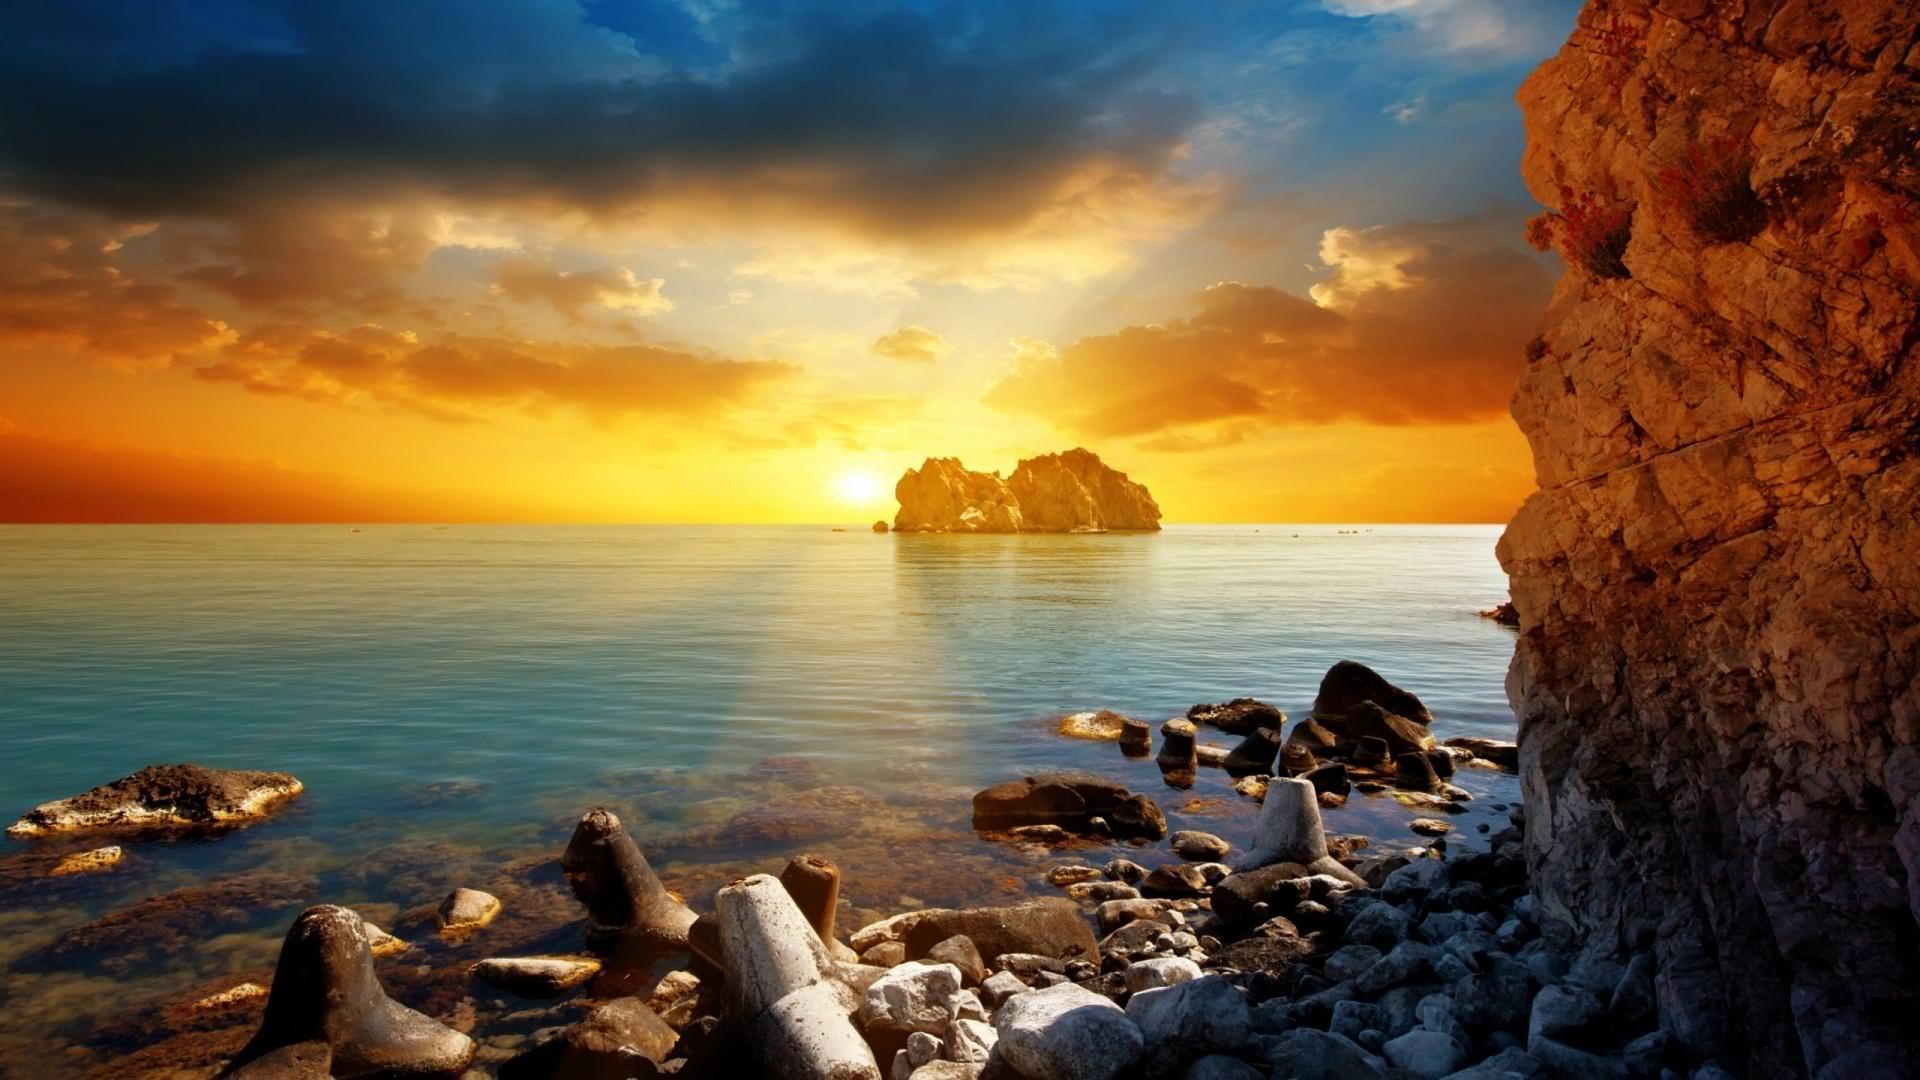 10 best beach sunset desktop wallpapersfreecreatives